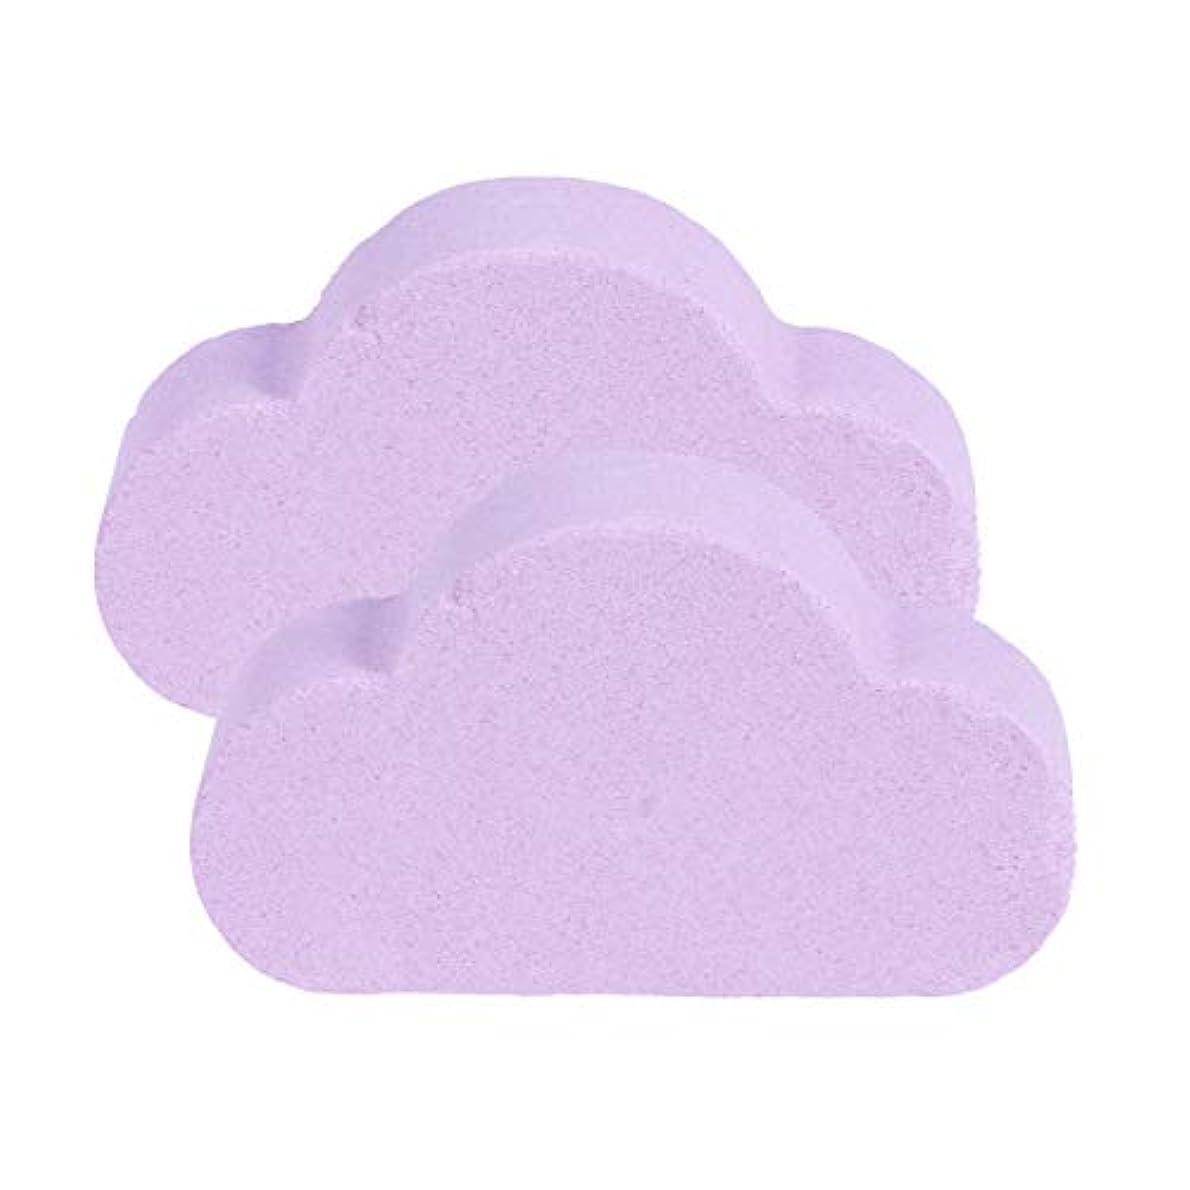 規定貞イライラするSUPVOX 2ピース風呂爆弾エッセンシャルオイルクラウド形状塩バブル家庭用スキンケア風呂用品用バブルスパ風呂ギフト